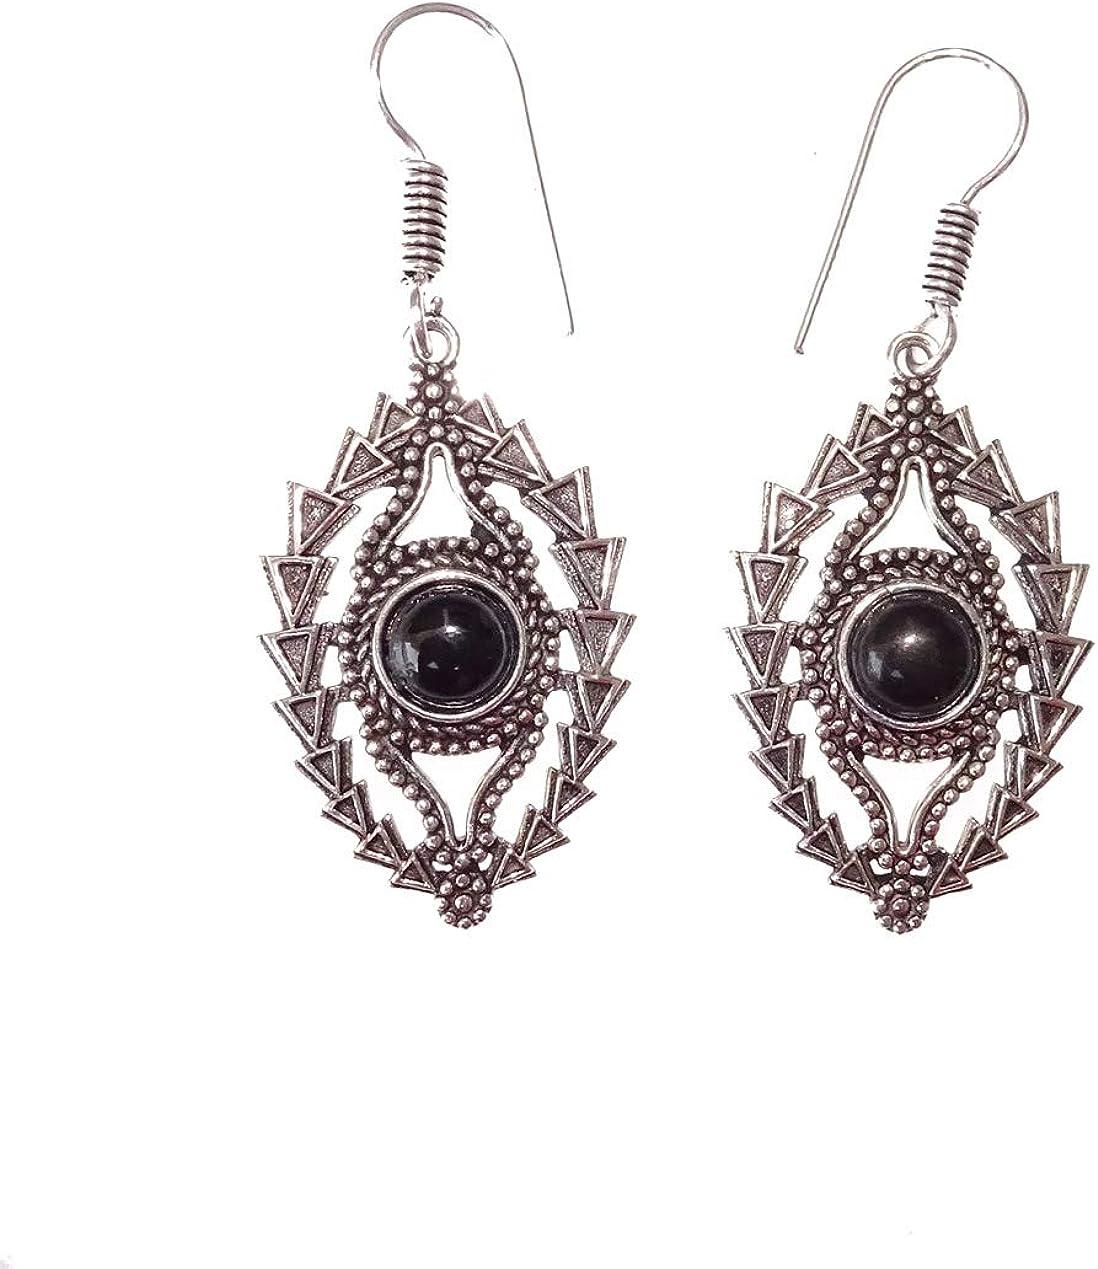 Pendientes elegantes tribales étnicos para mujeres niñas hechos a mano genuinos piedras preciosas de ónix negro plateado plata oxidada cuelgan pendientes colgantes de India Jewel Store